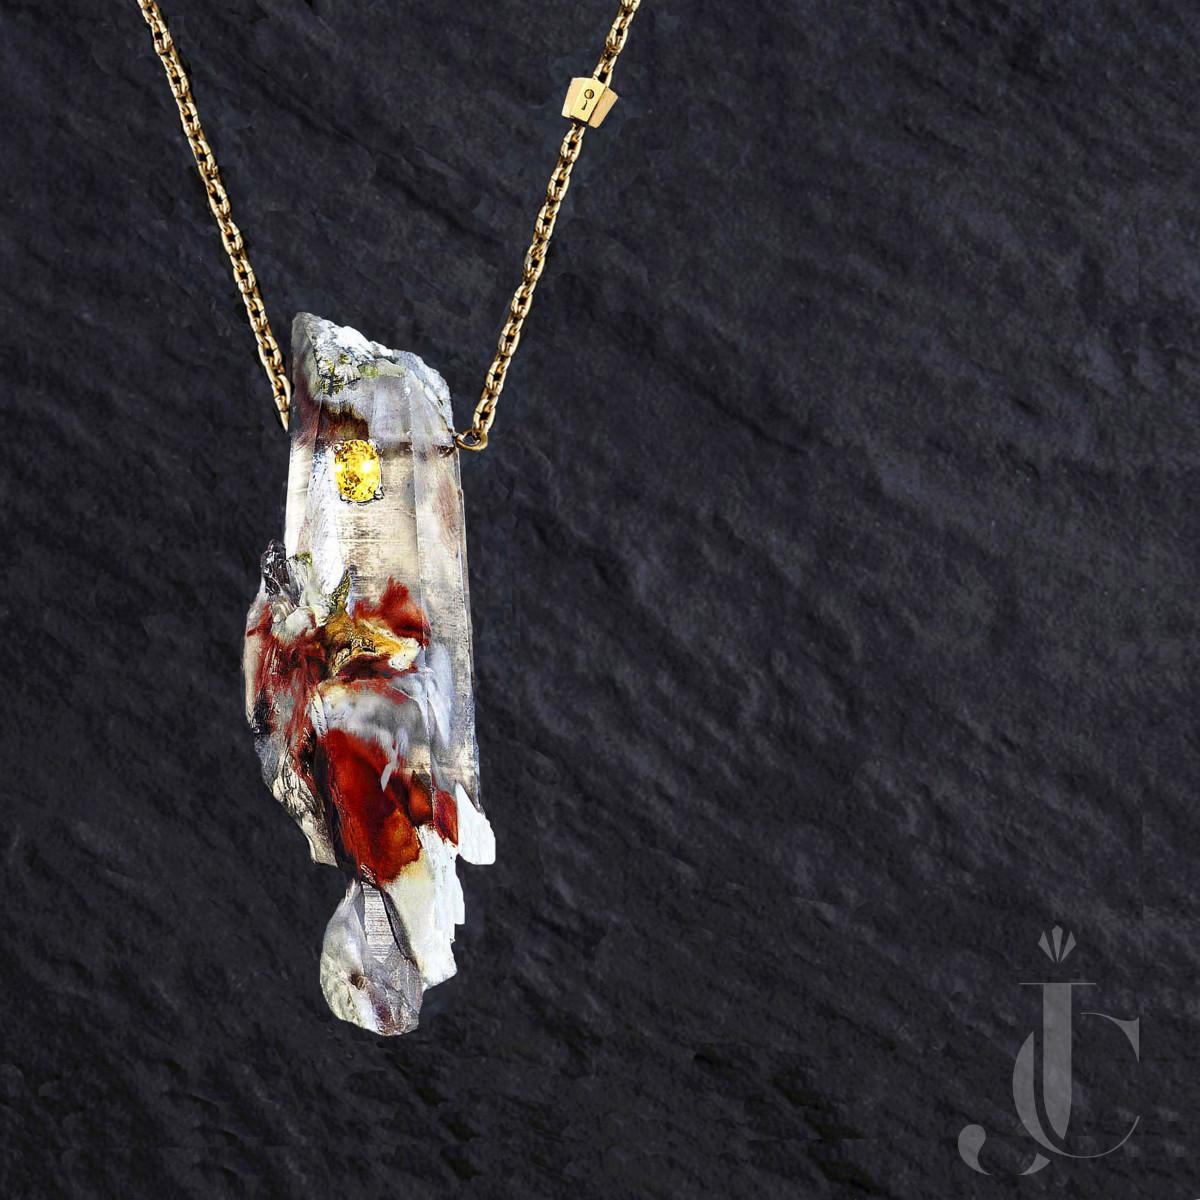 Quartz amphibolite and sapphire pendant